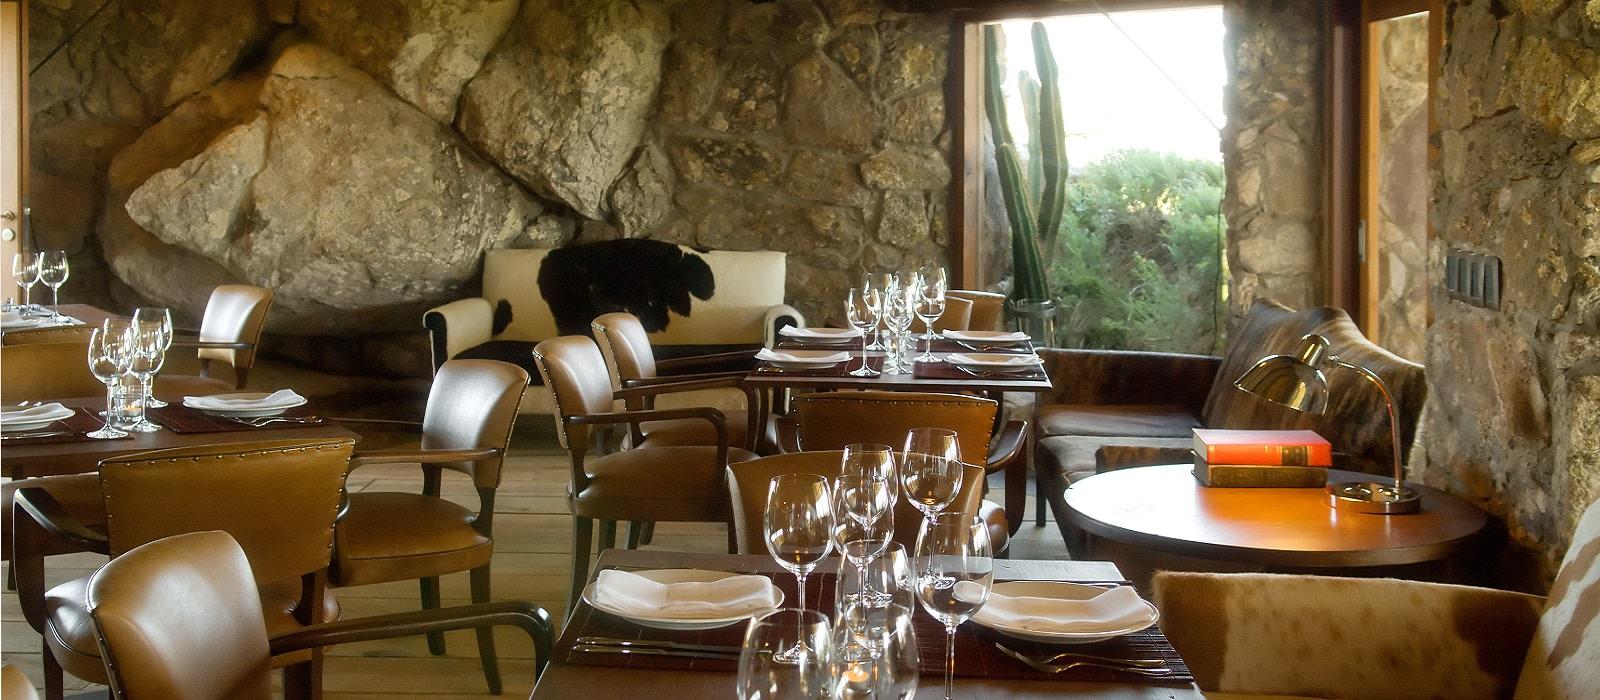 cuisine in Uruguay - Restaurant at Fasano Las Piedras Hotel in Punta del Este, Uruguay